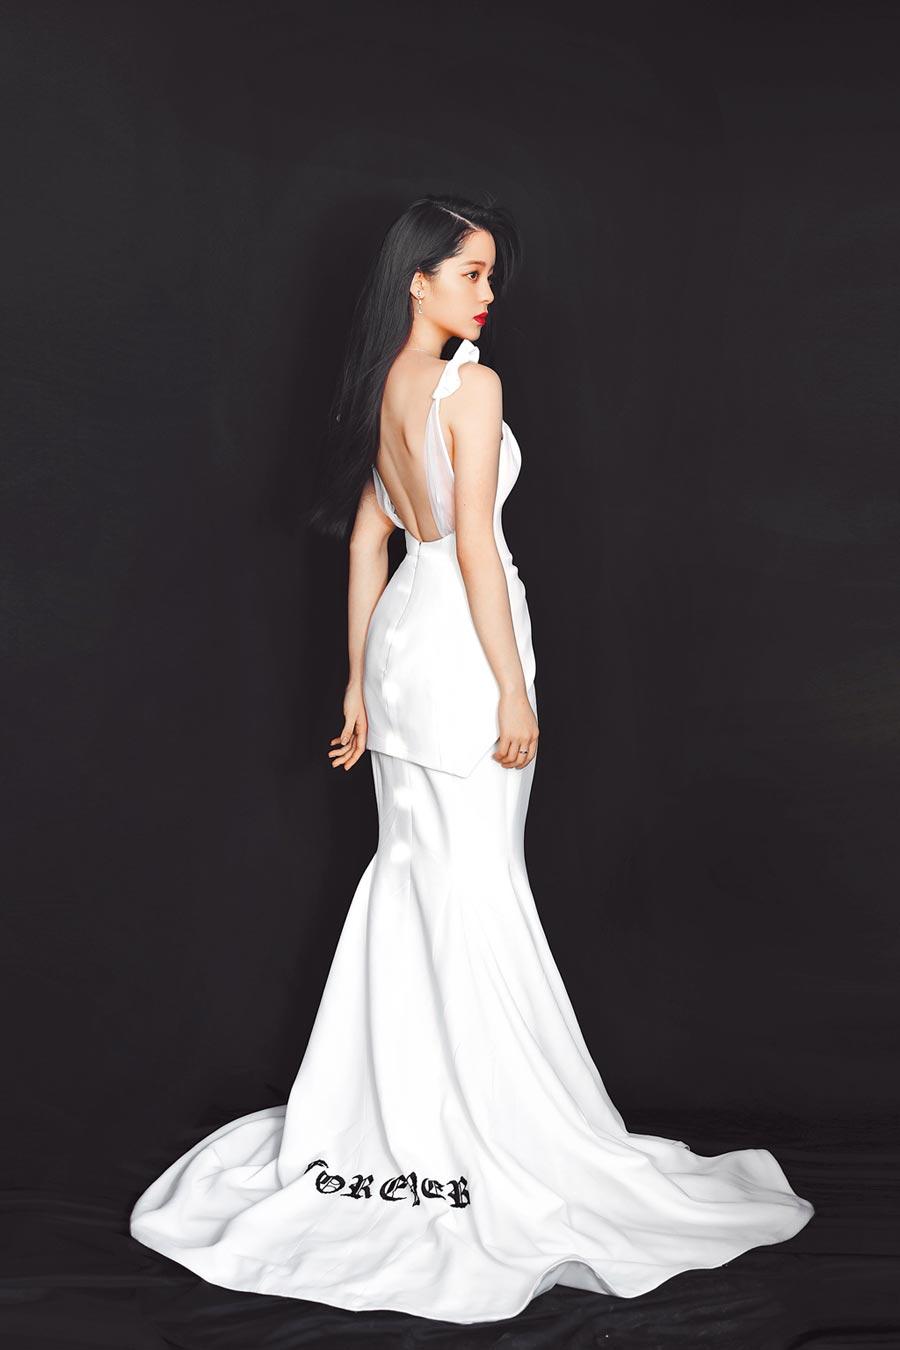 歐陽娜娜秀出裸背,以絕美造型宣布「嫁入」新東家。(索尼音樂提供)